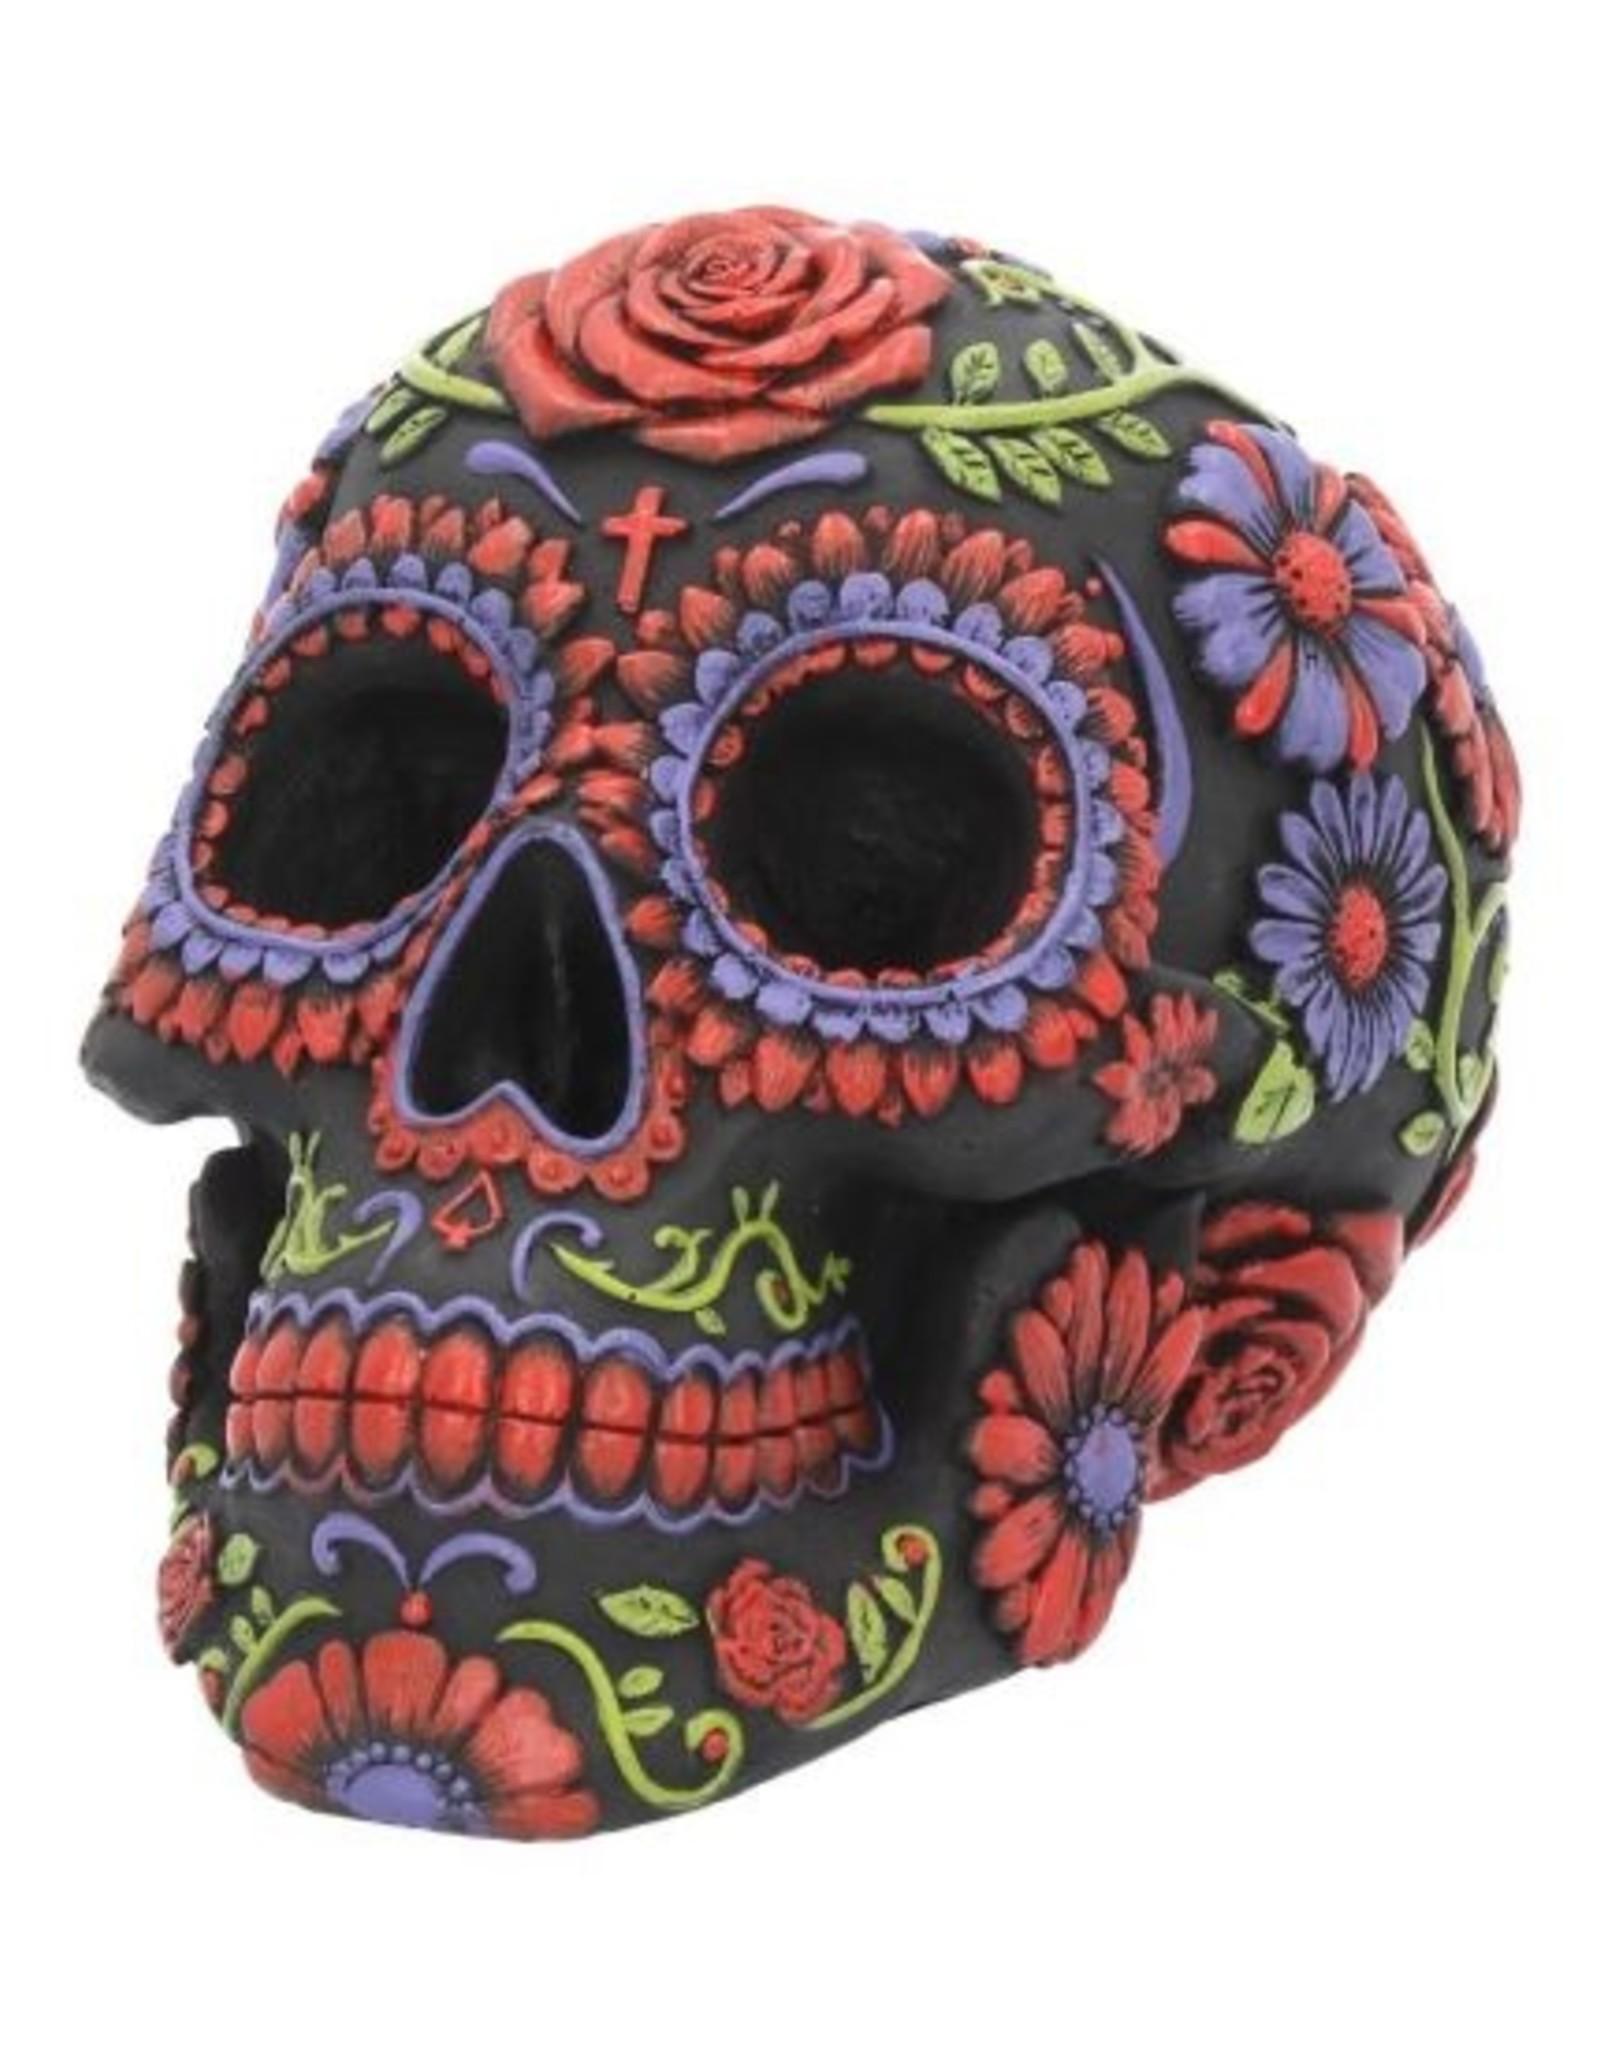 Totenkopf Sugar Blooms Ornament 18cm